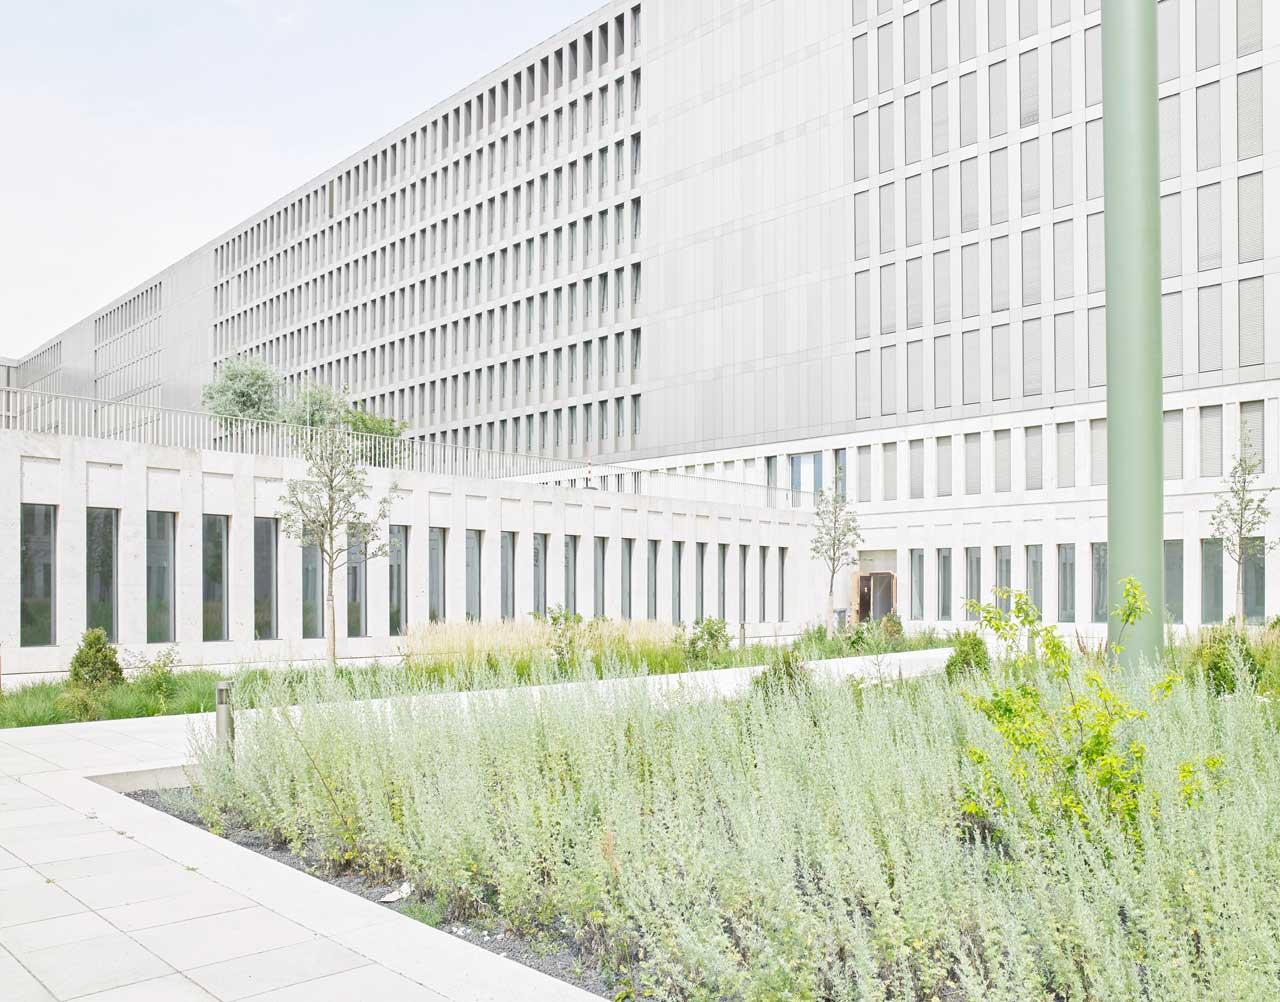 Rückansicht des Zentralgebäudes der neuen BND-Zentrale in Berlin.